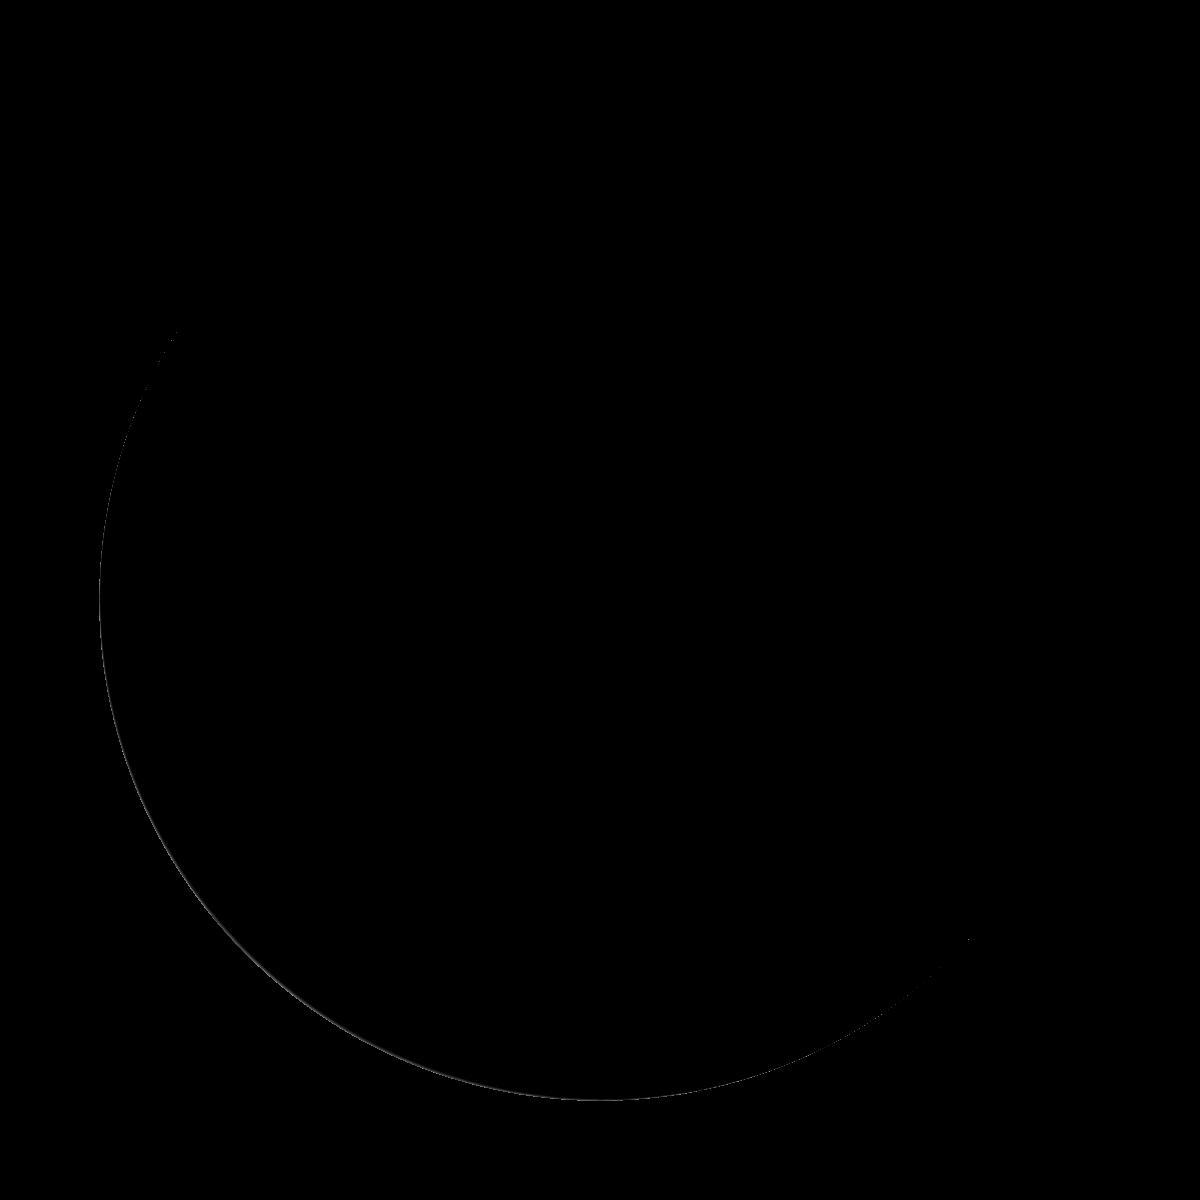 Lune du 30 aout 2019